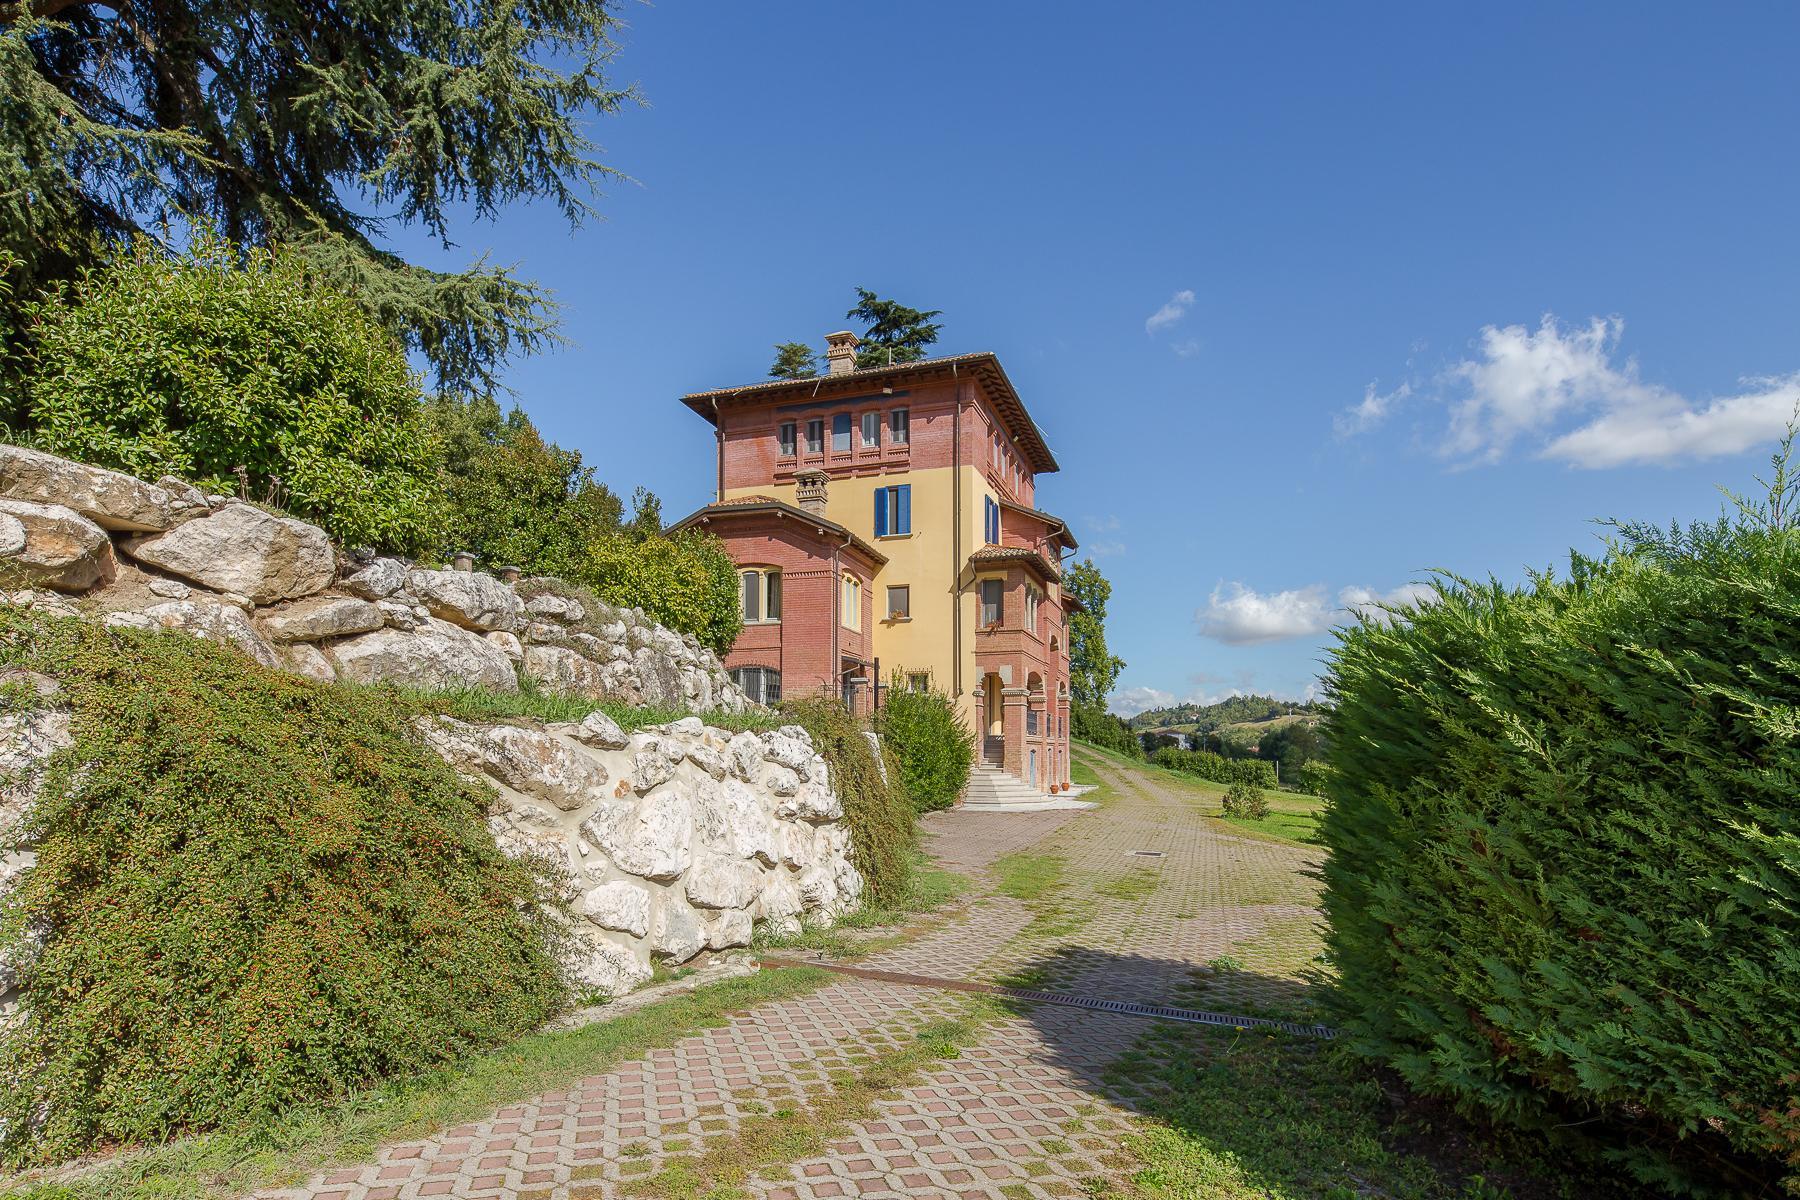 Magnifica villa d'epoca in Salsomaggiore Terme - 5